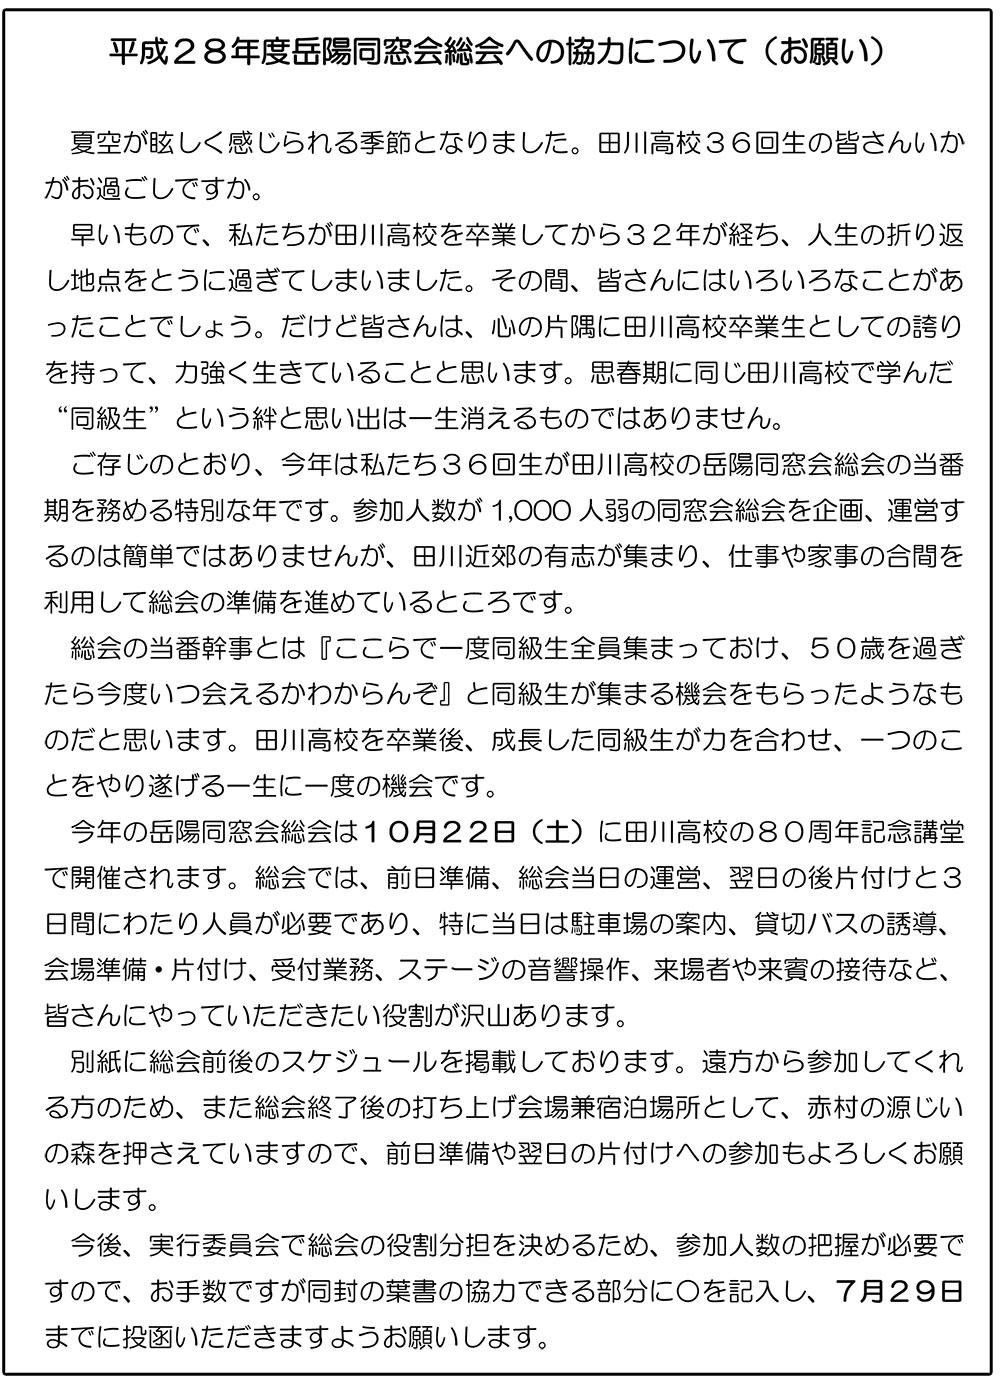 総会スタッフ協力依頼同級生宛(修正後)-1